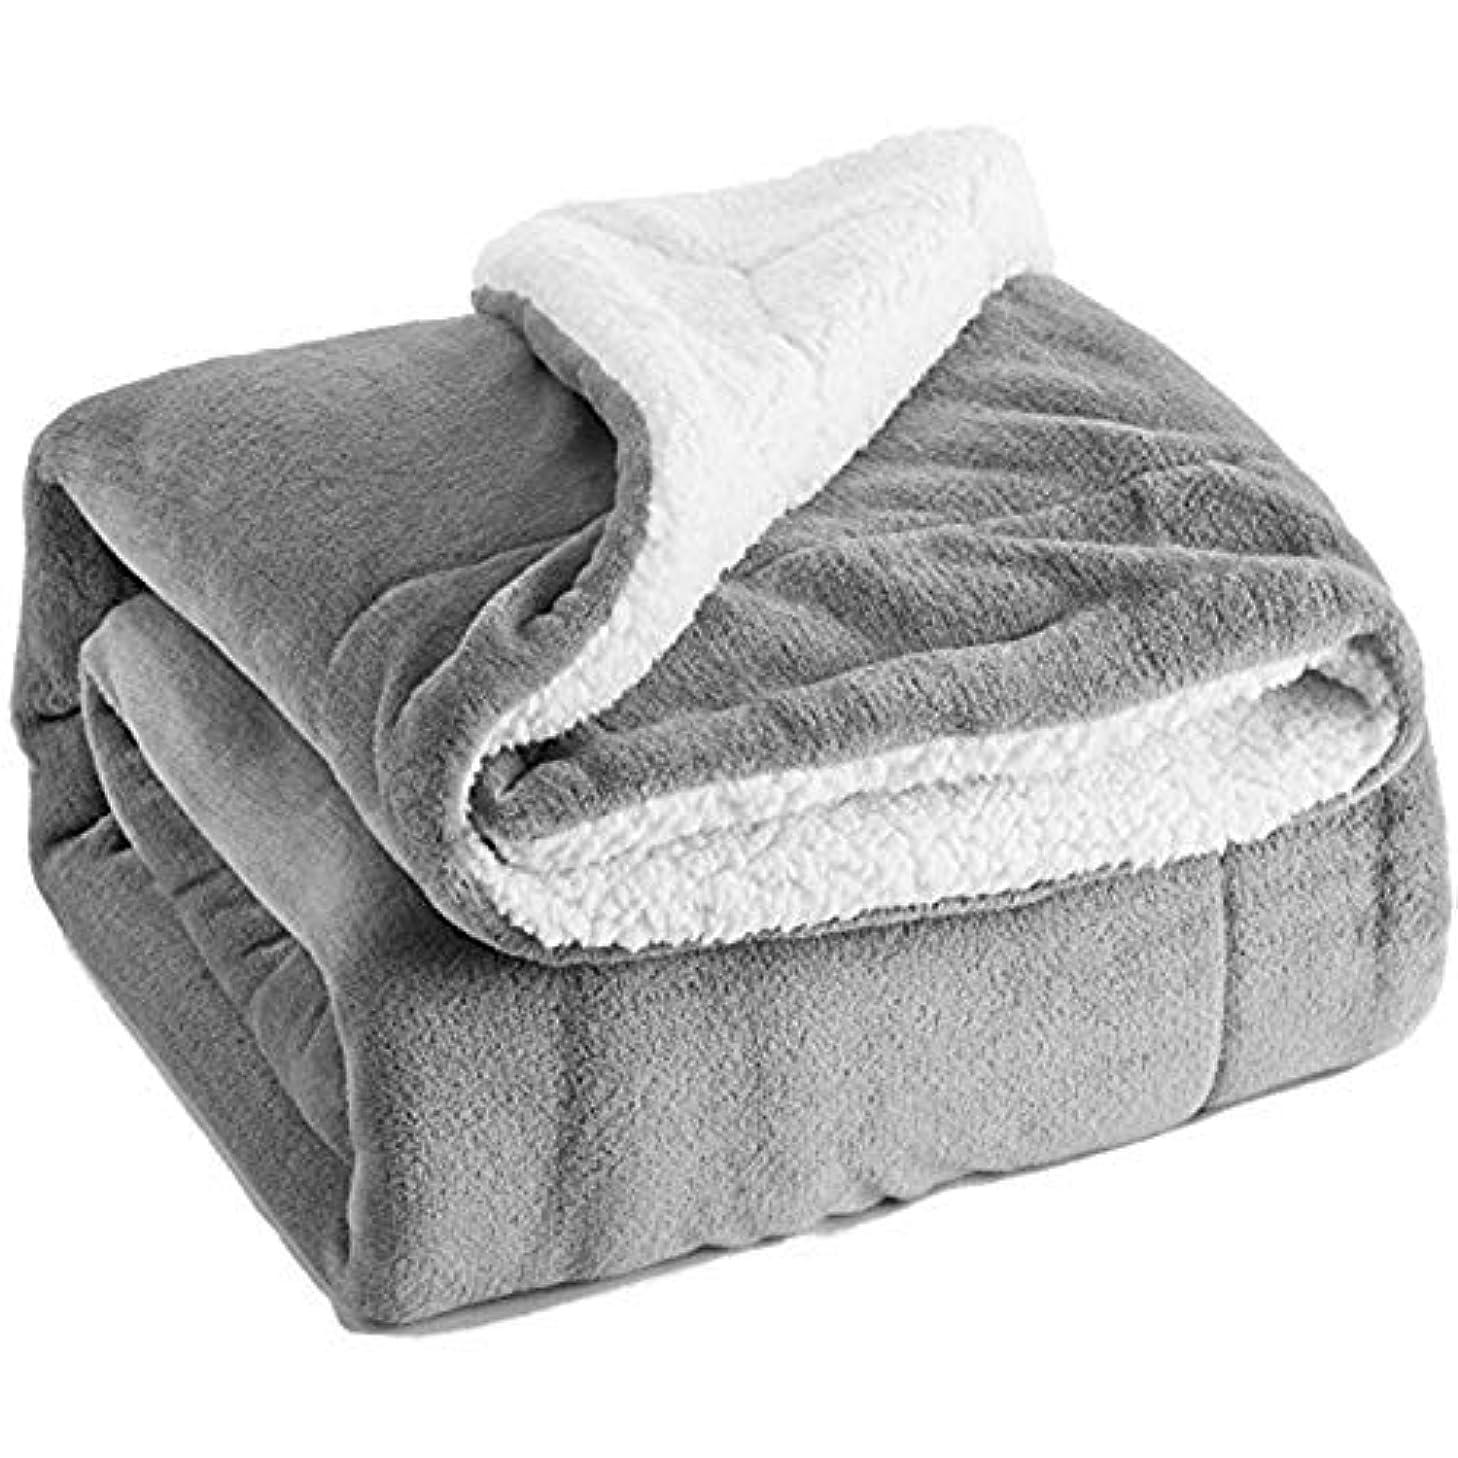 負荷エコー先例(HAMUS) 毛布 ブランケット フランネル毛布 二枚合わせ毛布 吸湿発熱 マイクロファイバー 最高の肌触り ふわふわ超柔軟 ベッドバッド 敷バッド 暖かい 厚手 ふんわり 柔らかい 柔軟(グレー)